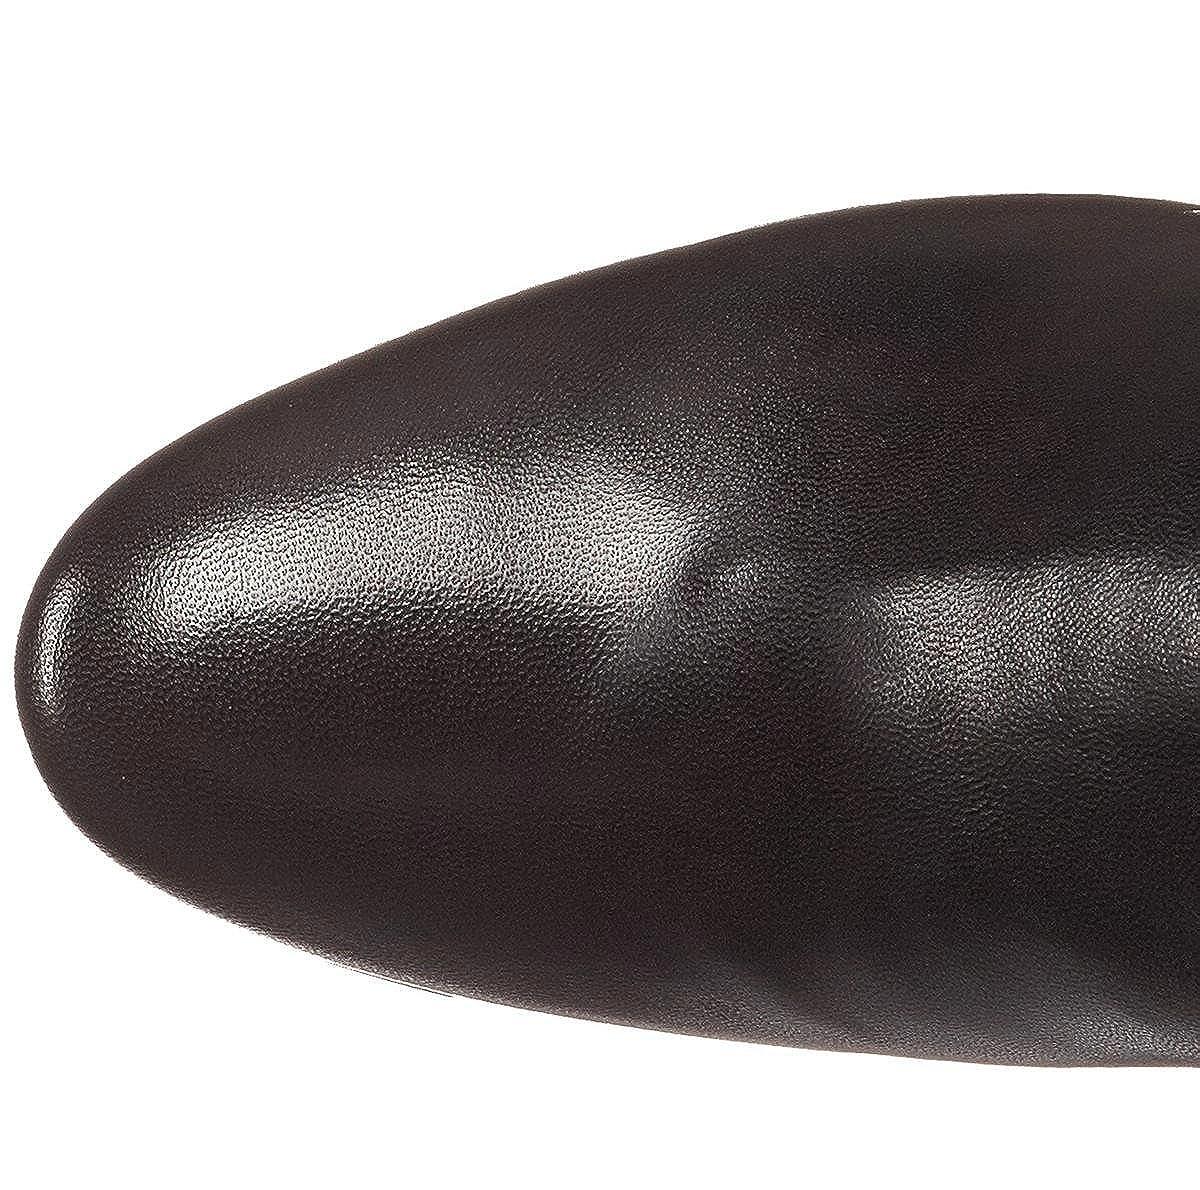 Stivaletti da Donna Stivali Stivali Stivali Chunky Elasticizzati in Pelle Scamosciata con Tacco Largo Elasticizzati 65809b